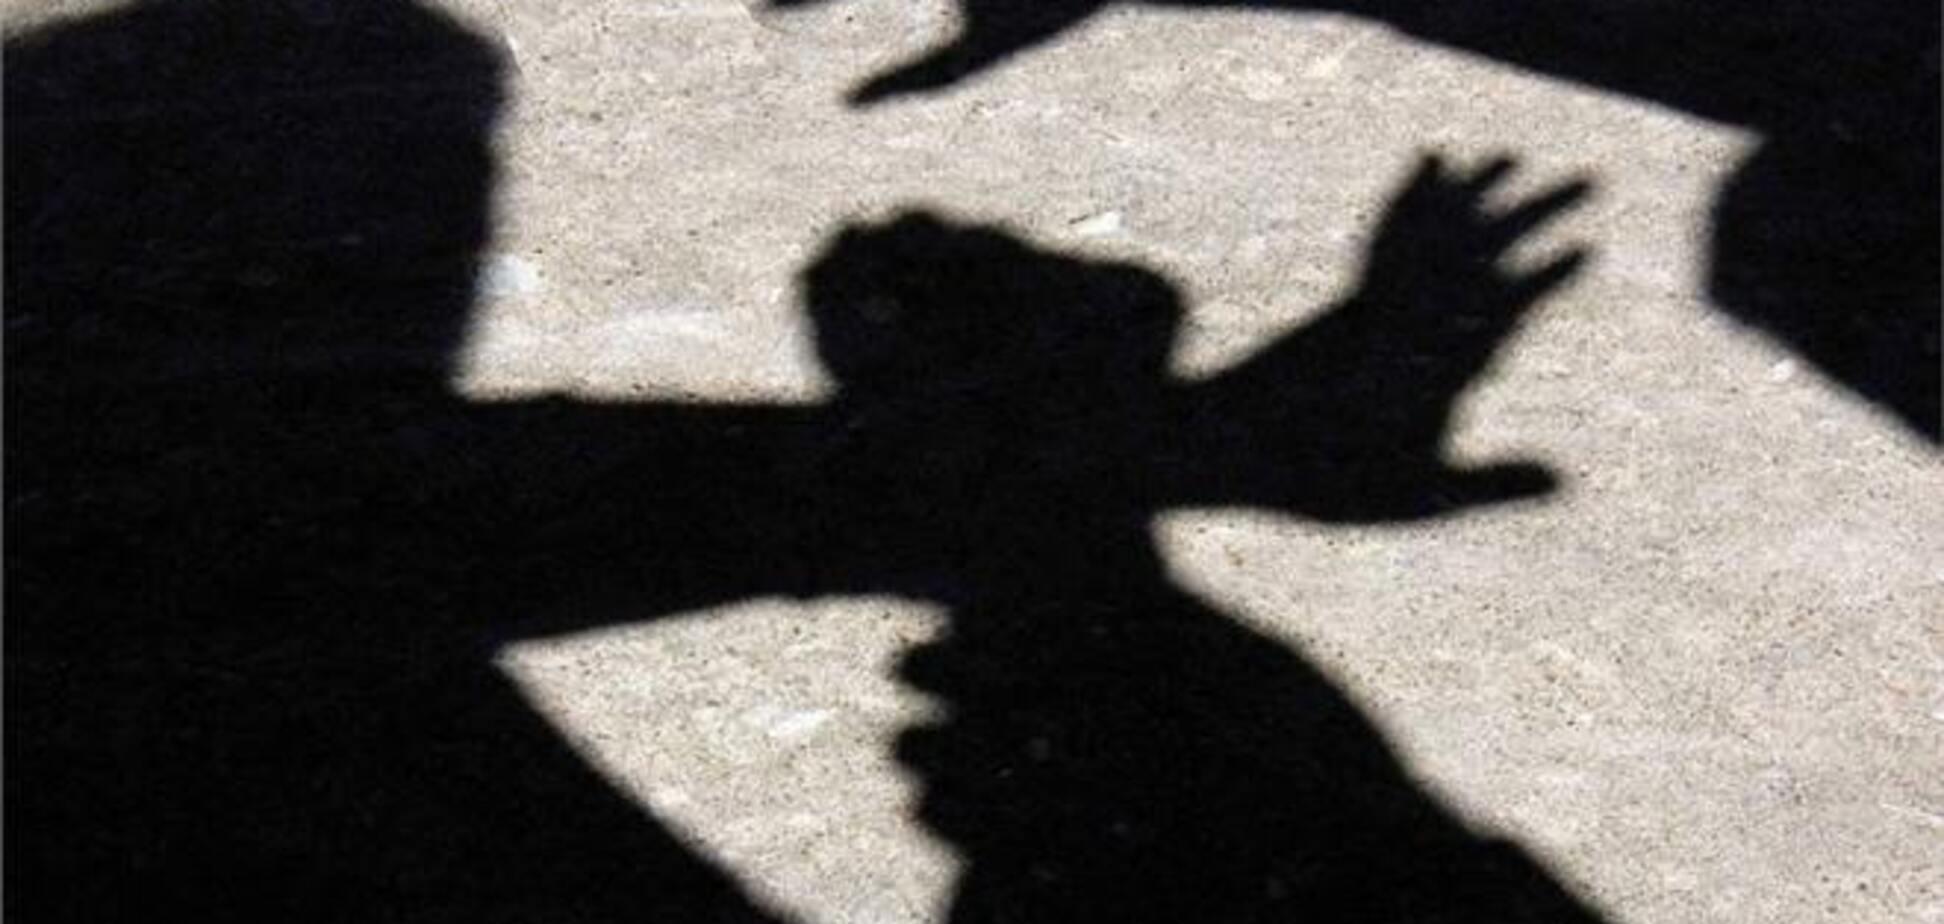 На Львівщині хлопець згвалтував дівчинку, хвору на ДЦП